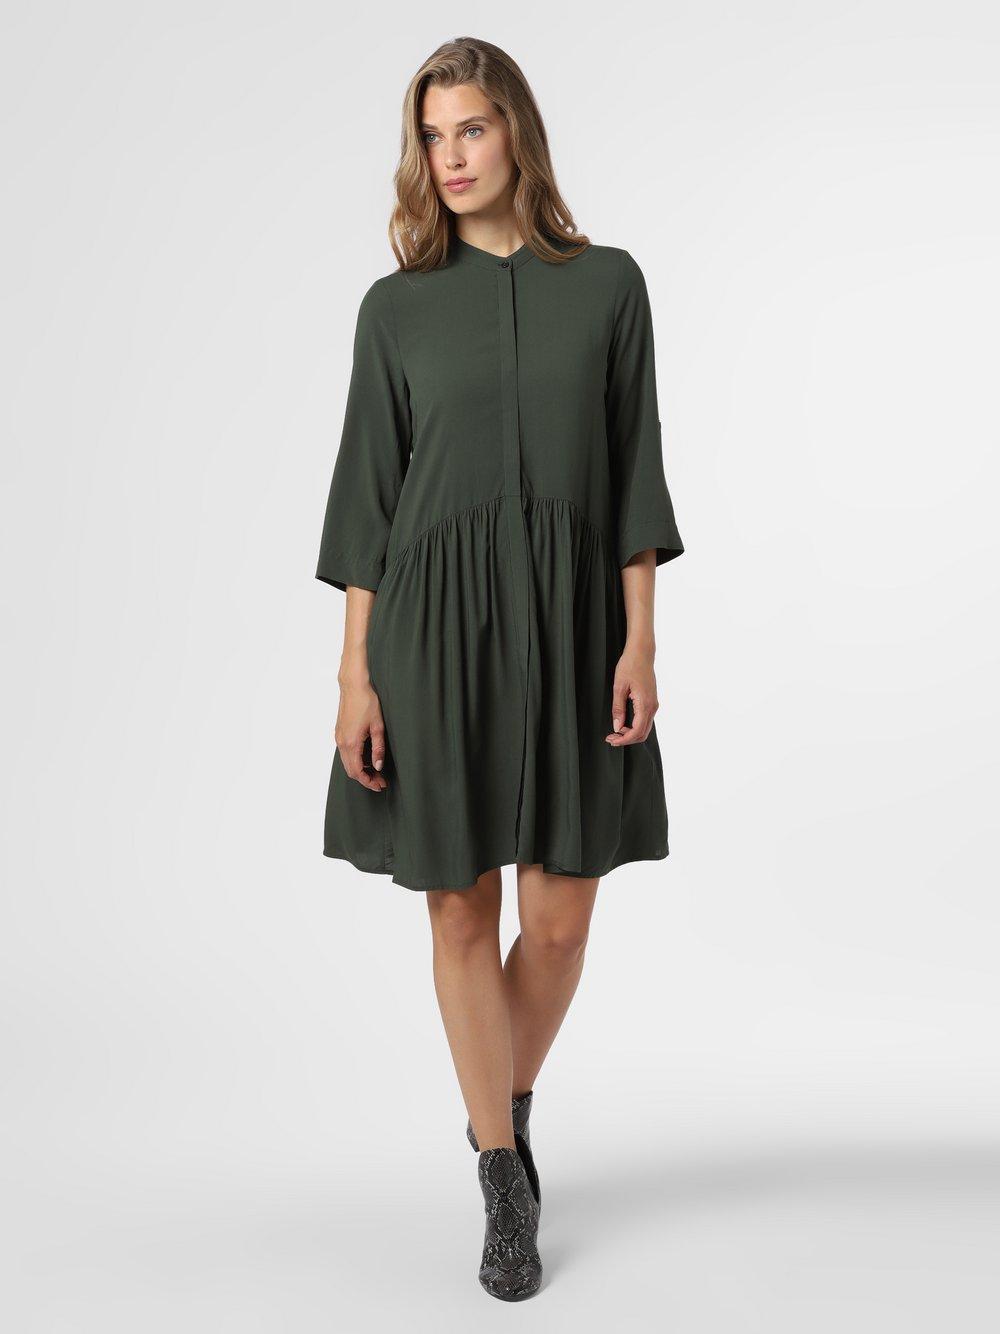 mbyM – Sukienka damska – Albana, zielony Van Graaf 484611-0001-09900